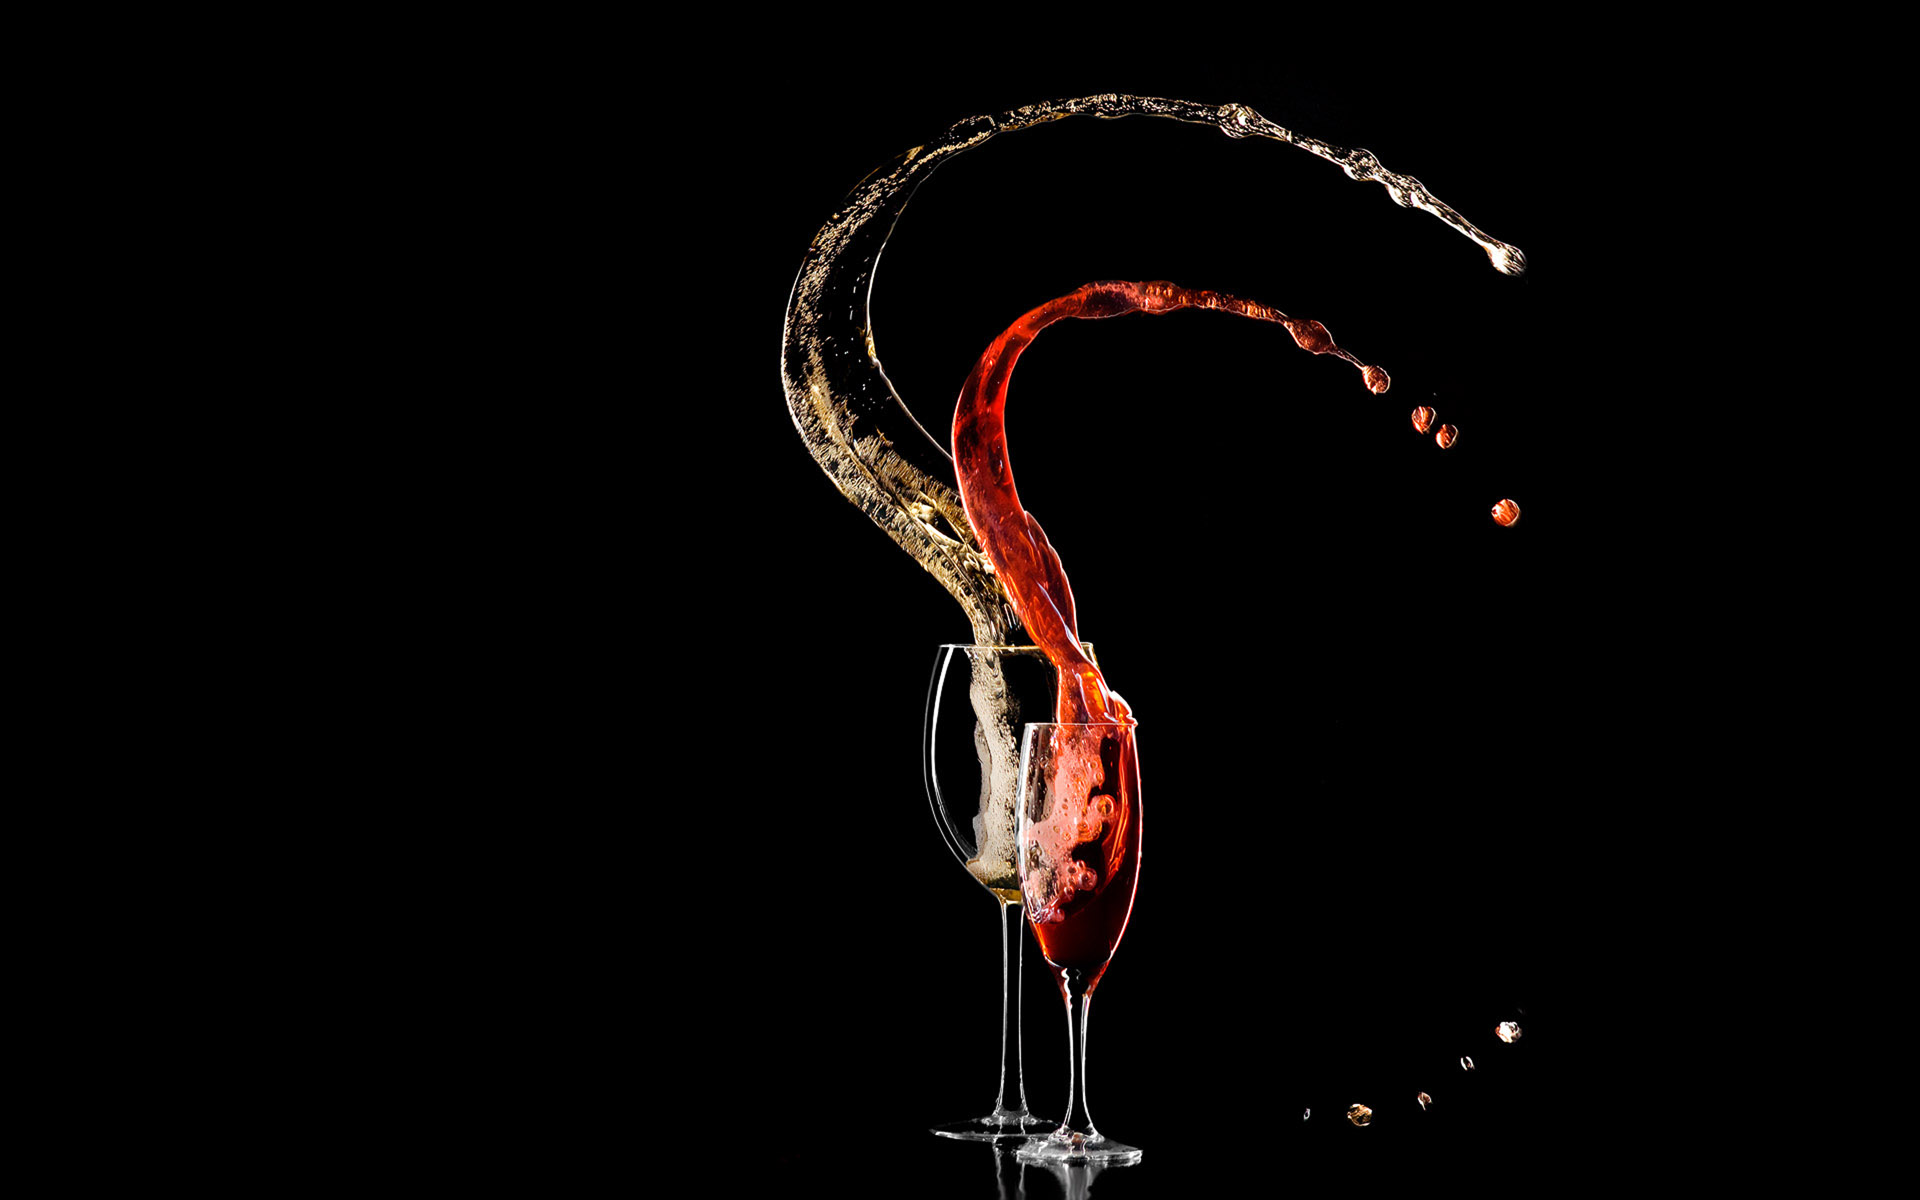 брызги вина, скачать фото, обои для рабочего стола